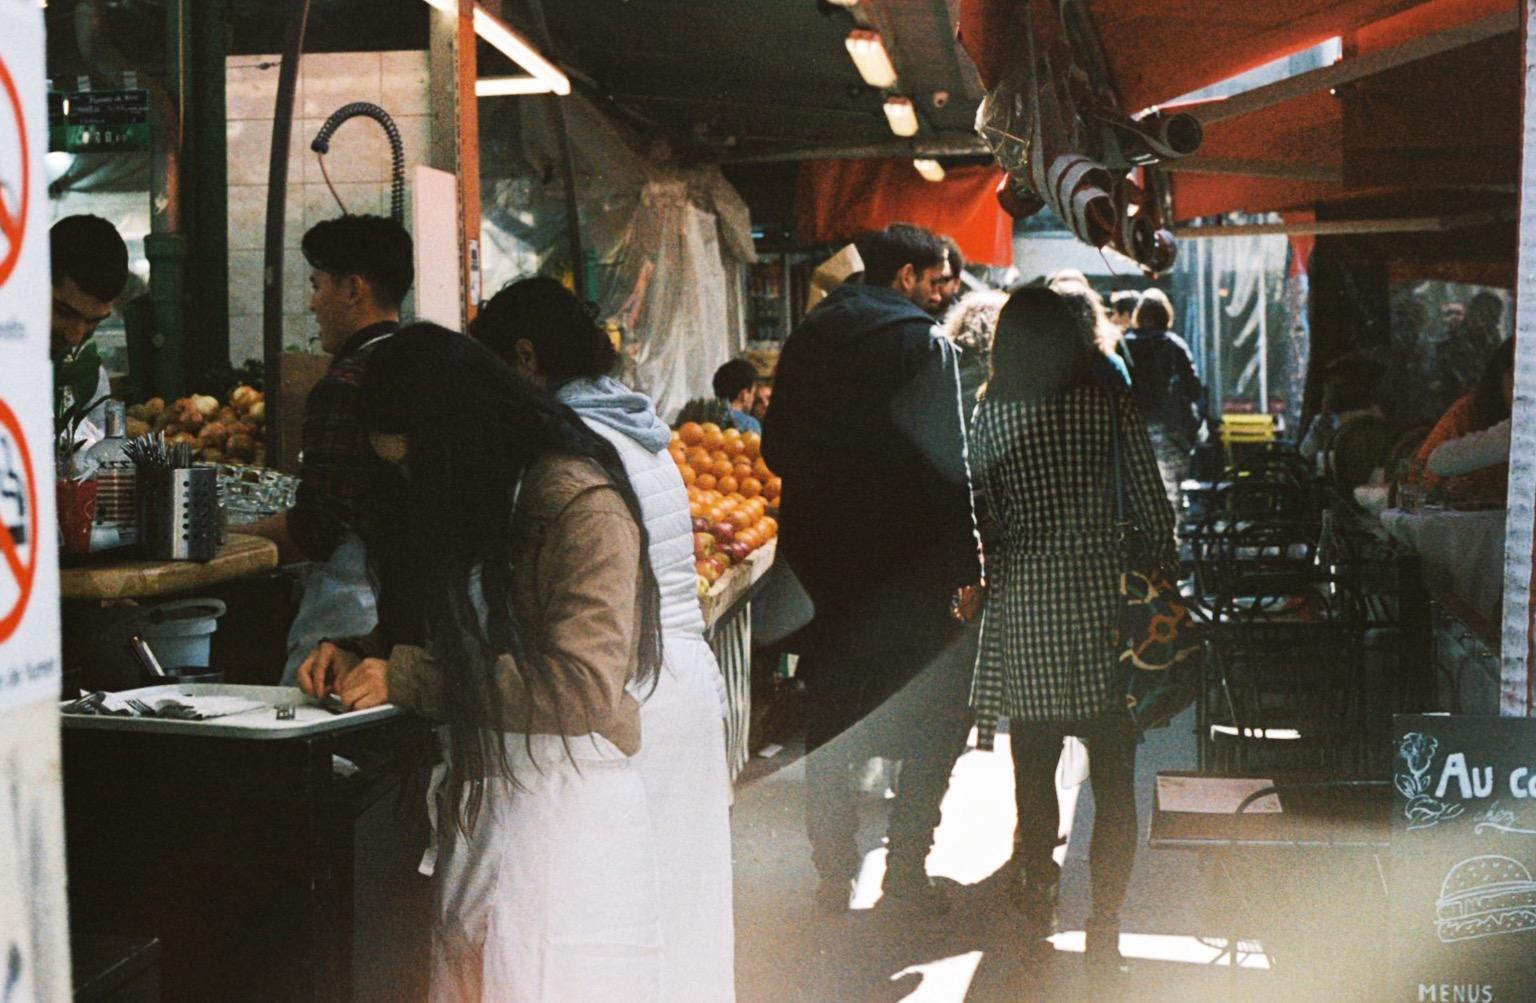 Inside les enfants du marché